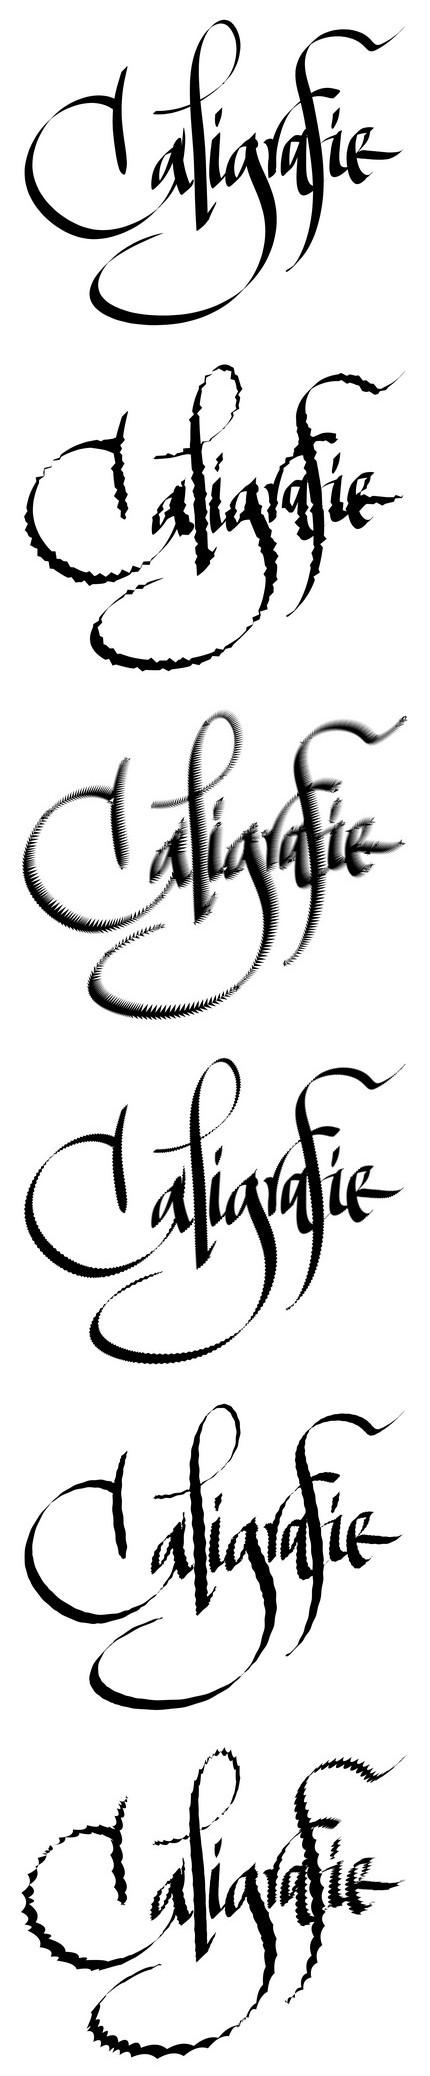 Scrise în Inkscape şi distorsionate în Corel Draw